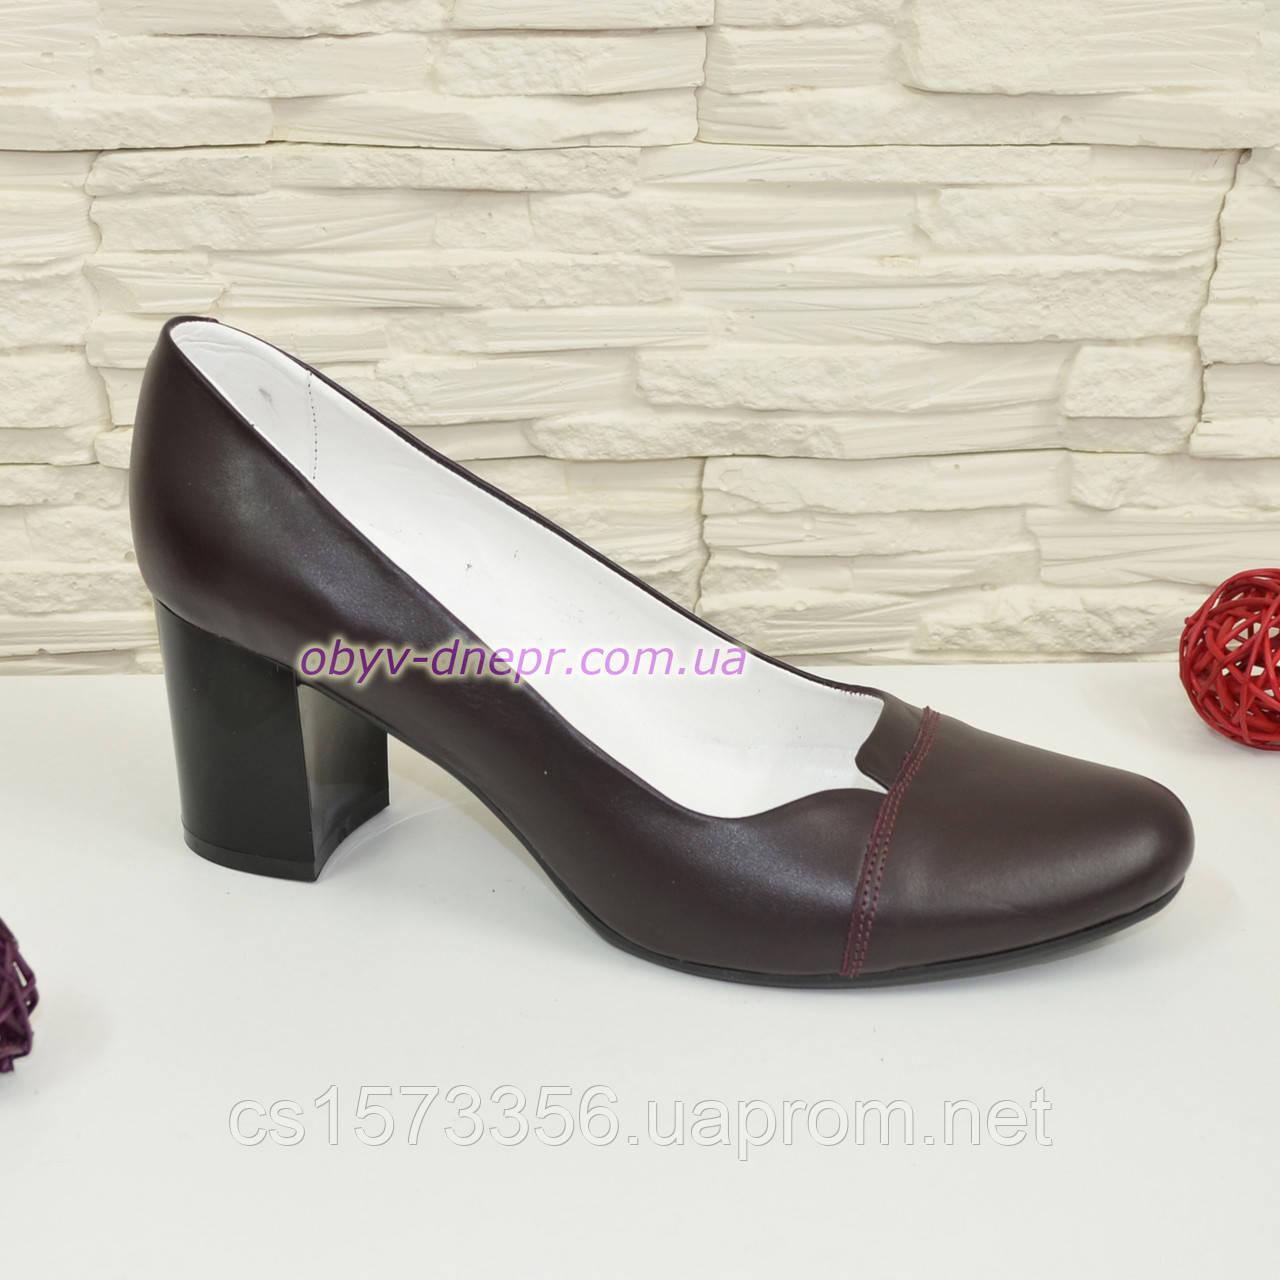 Туфли женские классические бордовые кожаные на невысоком каблуке